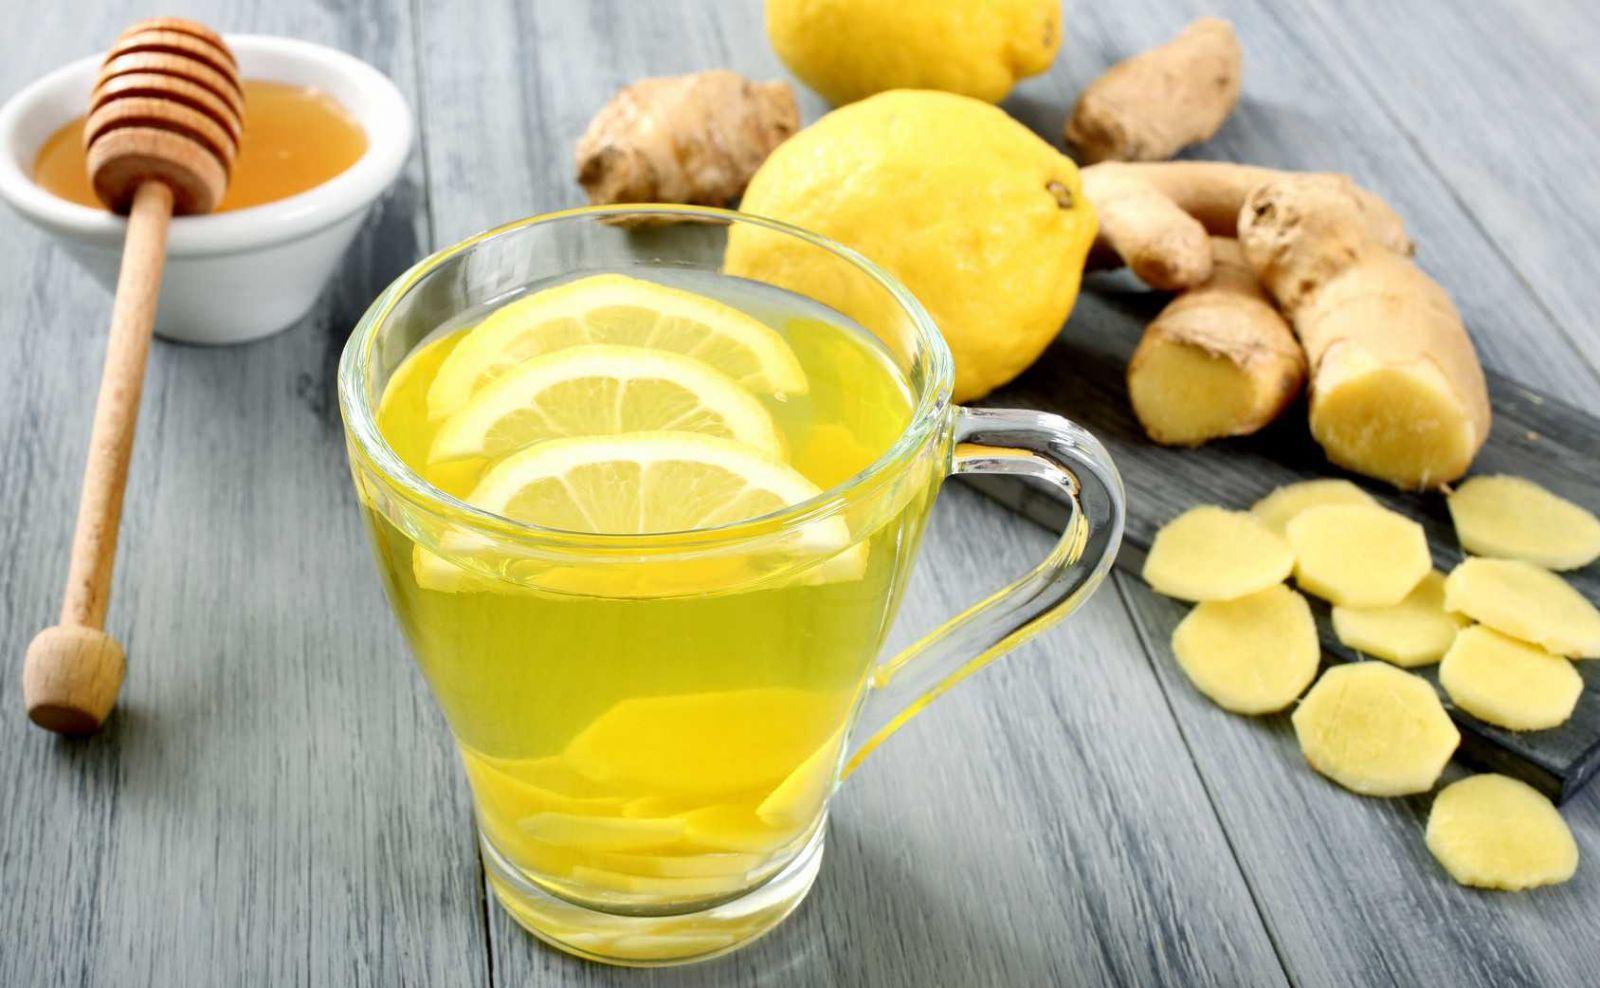 имбирь с лимоном и мёдом рецепт здоровья впрок